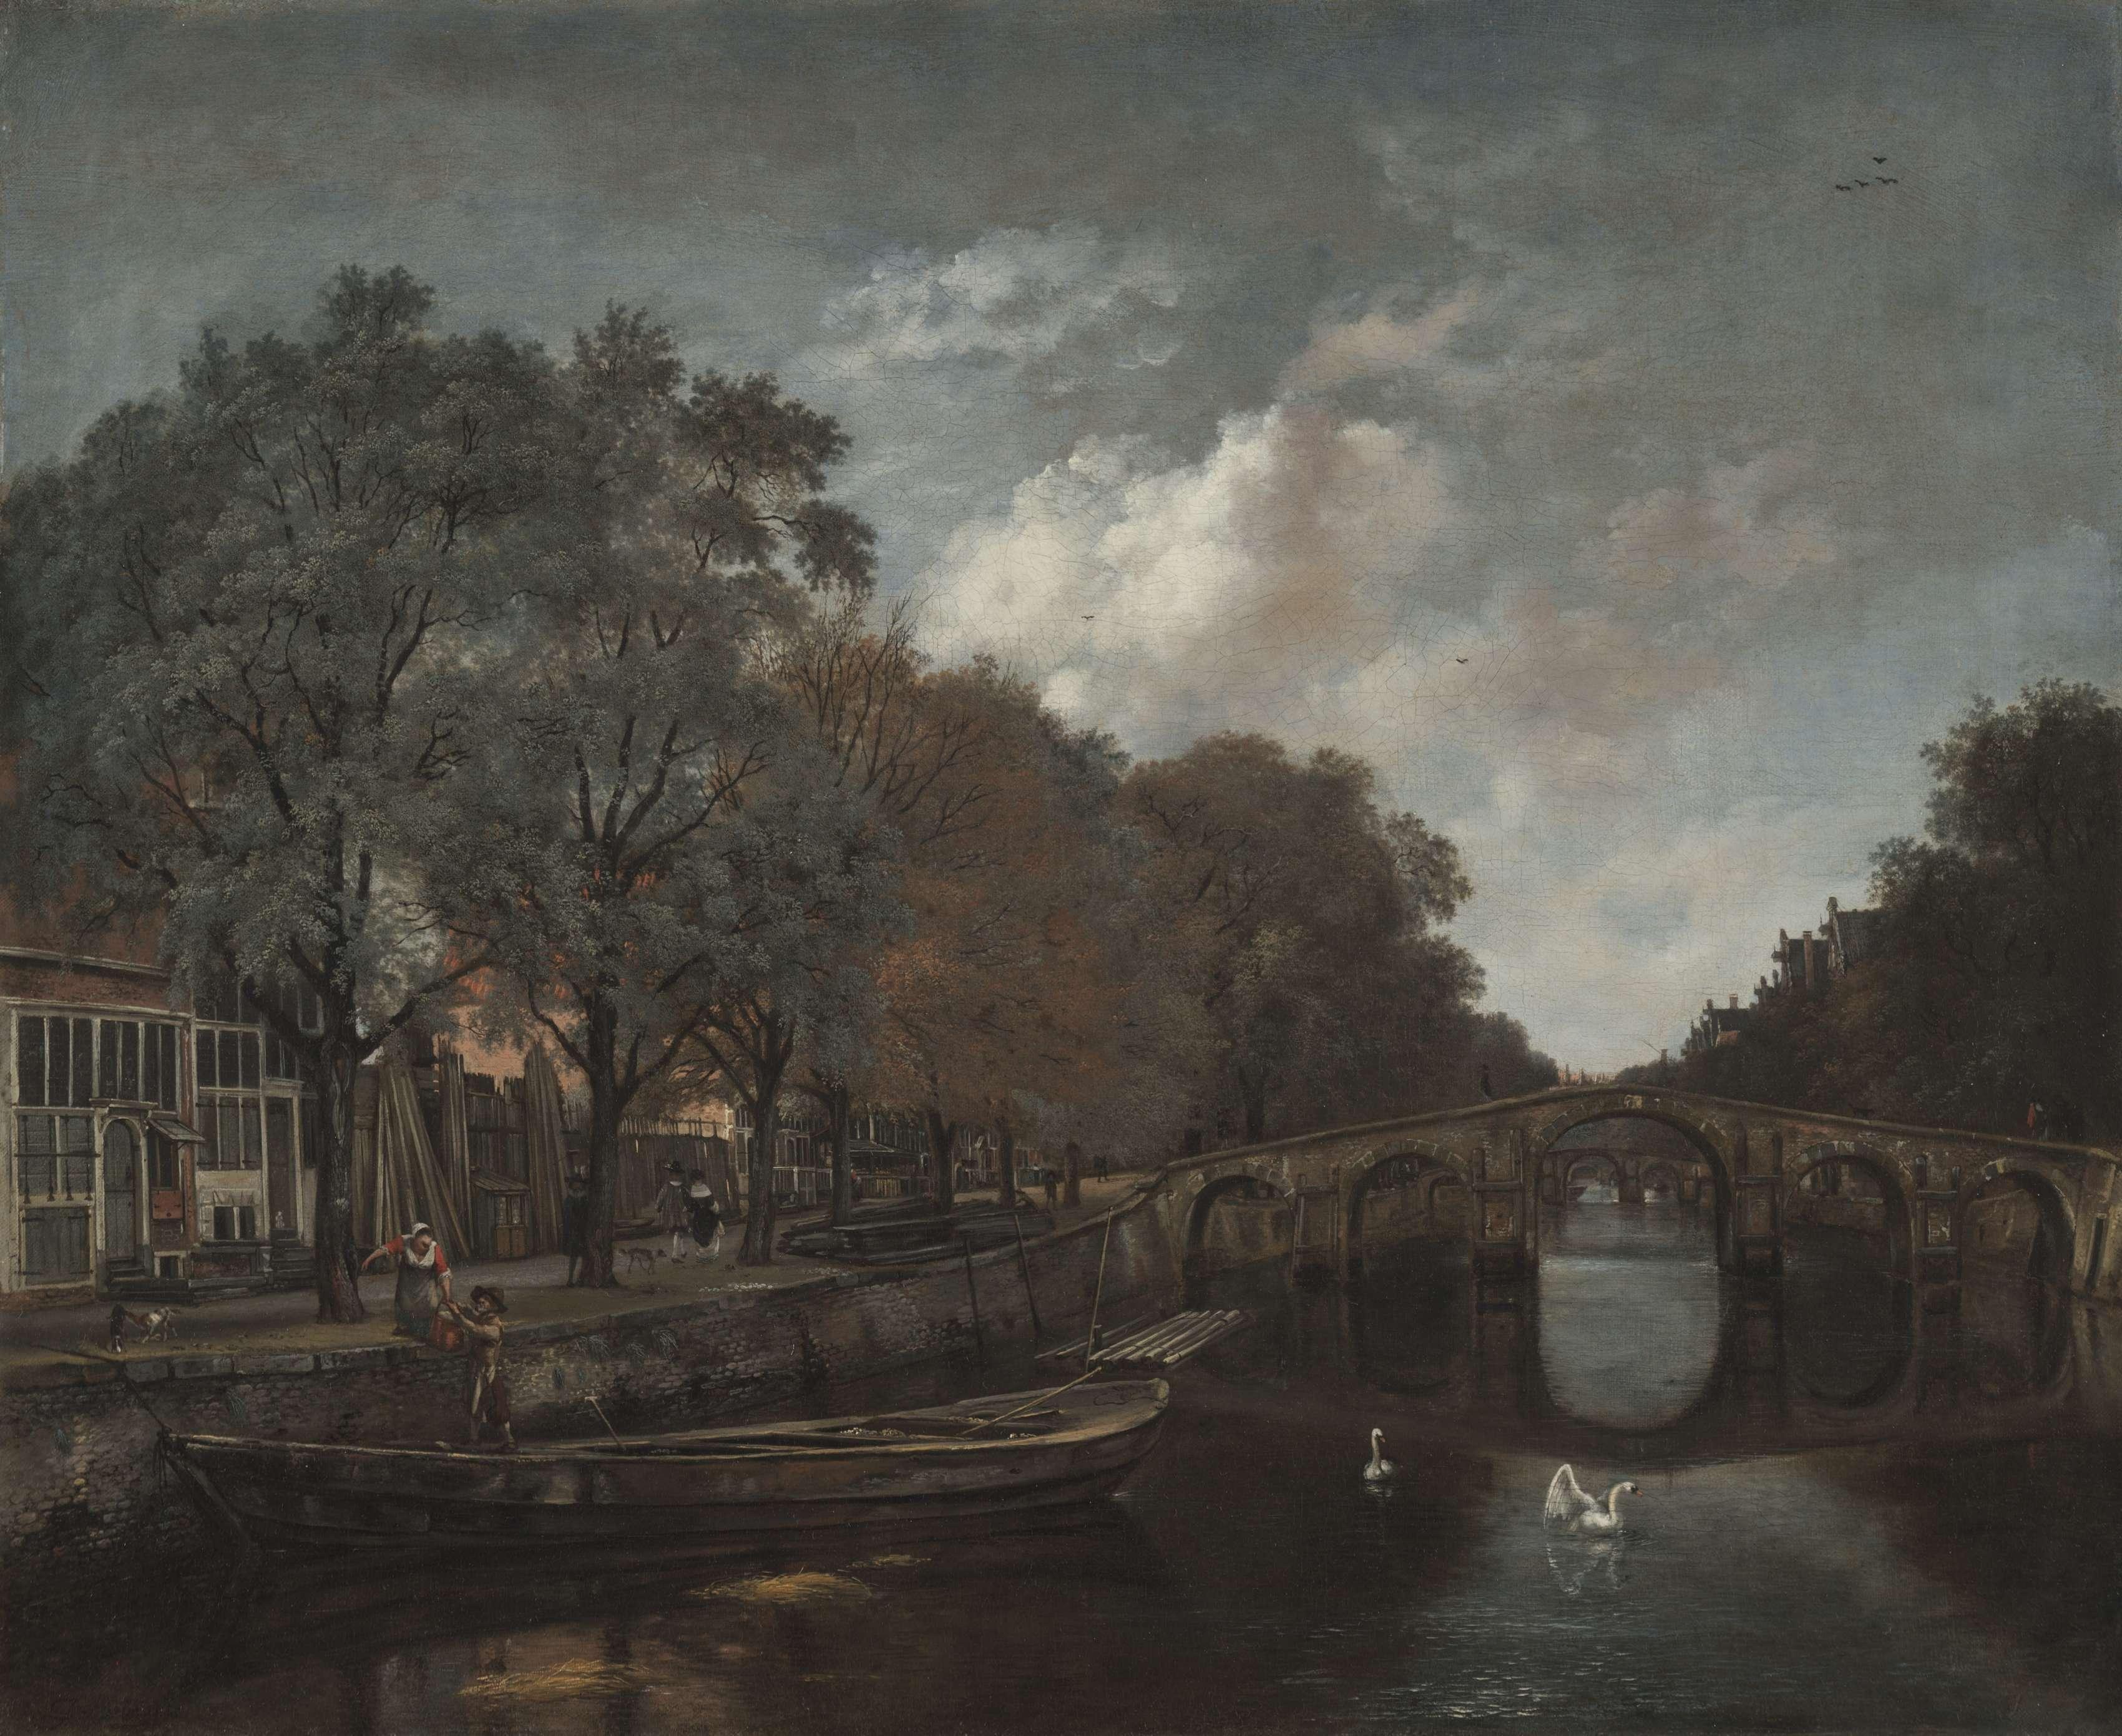 Άμστερνταμ. Herengracht, Amsterdam. c. 1661. Jan Wijnants. (Dutch, 1635-1684). Μουσείο Τέχνης του Κλίβελαντ.